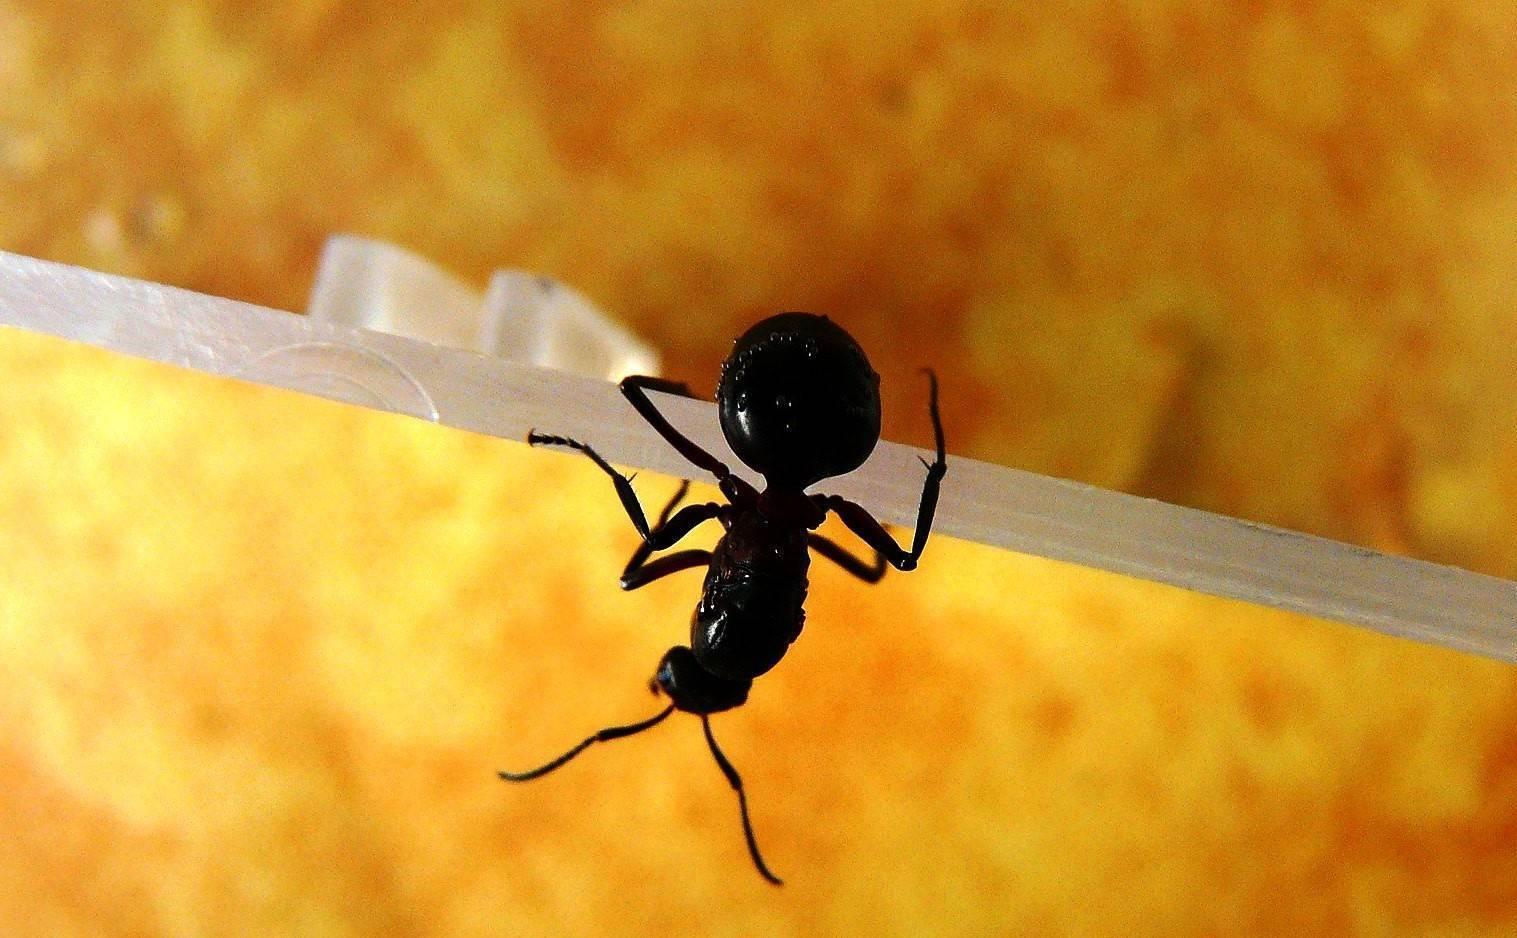 Как избавиться от муравьёв: самые эффективные средства